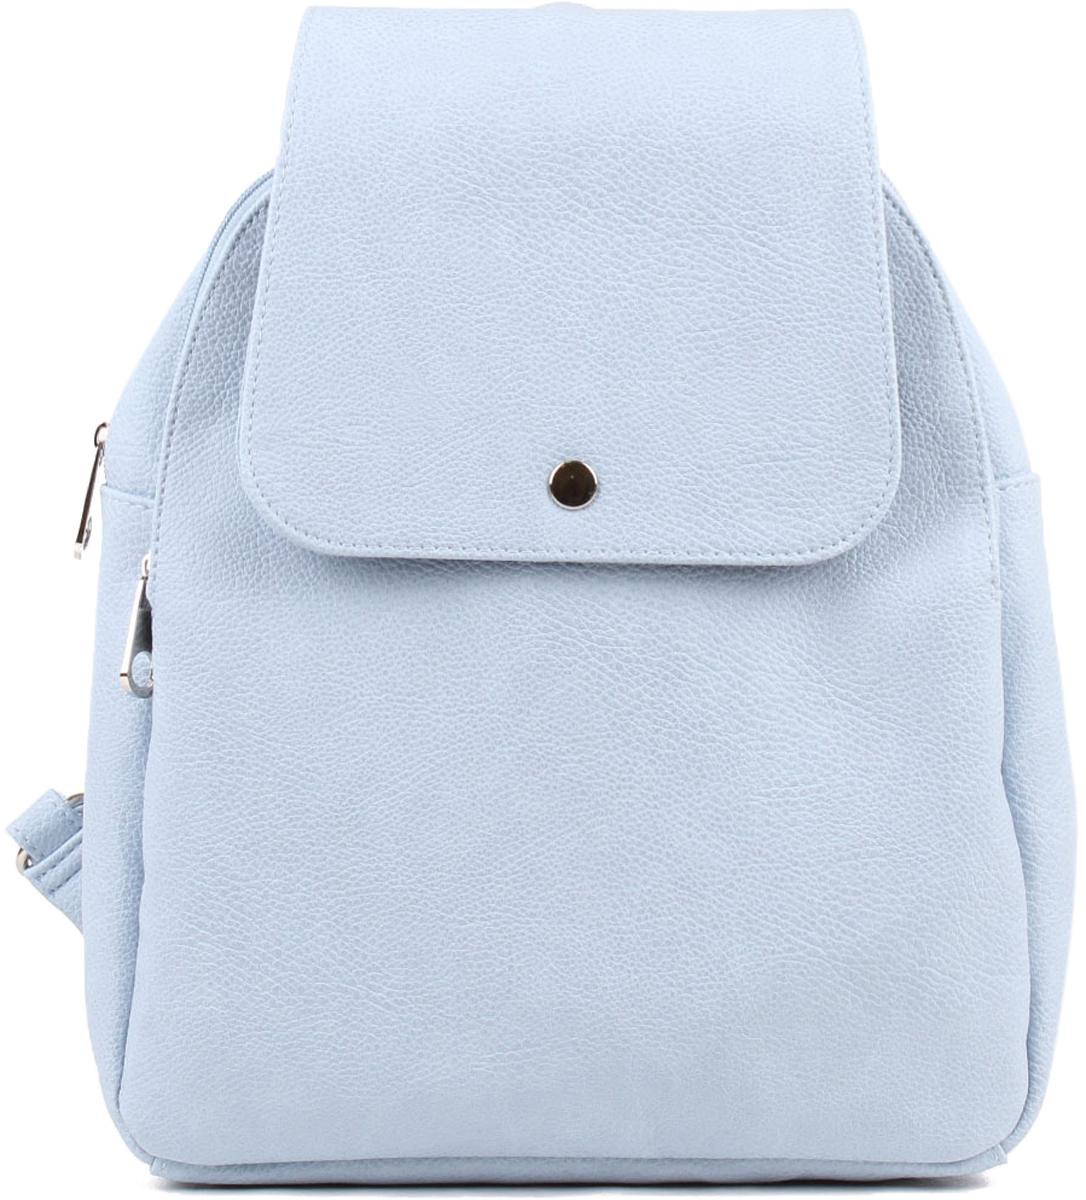 Рюкзак женский Медведково цвет: голубой. 18с3327-к14 рюкзак медведково